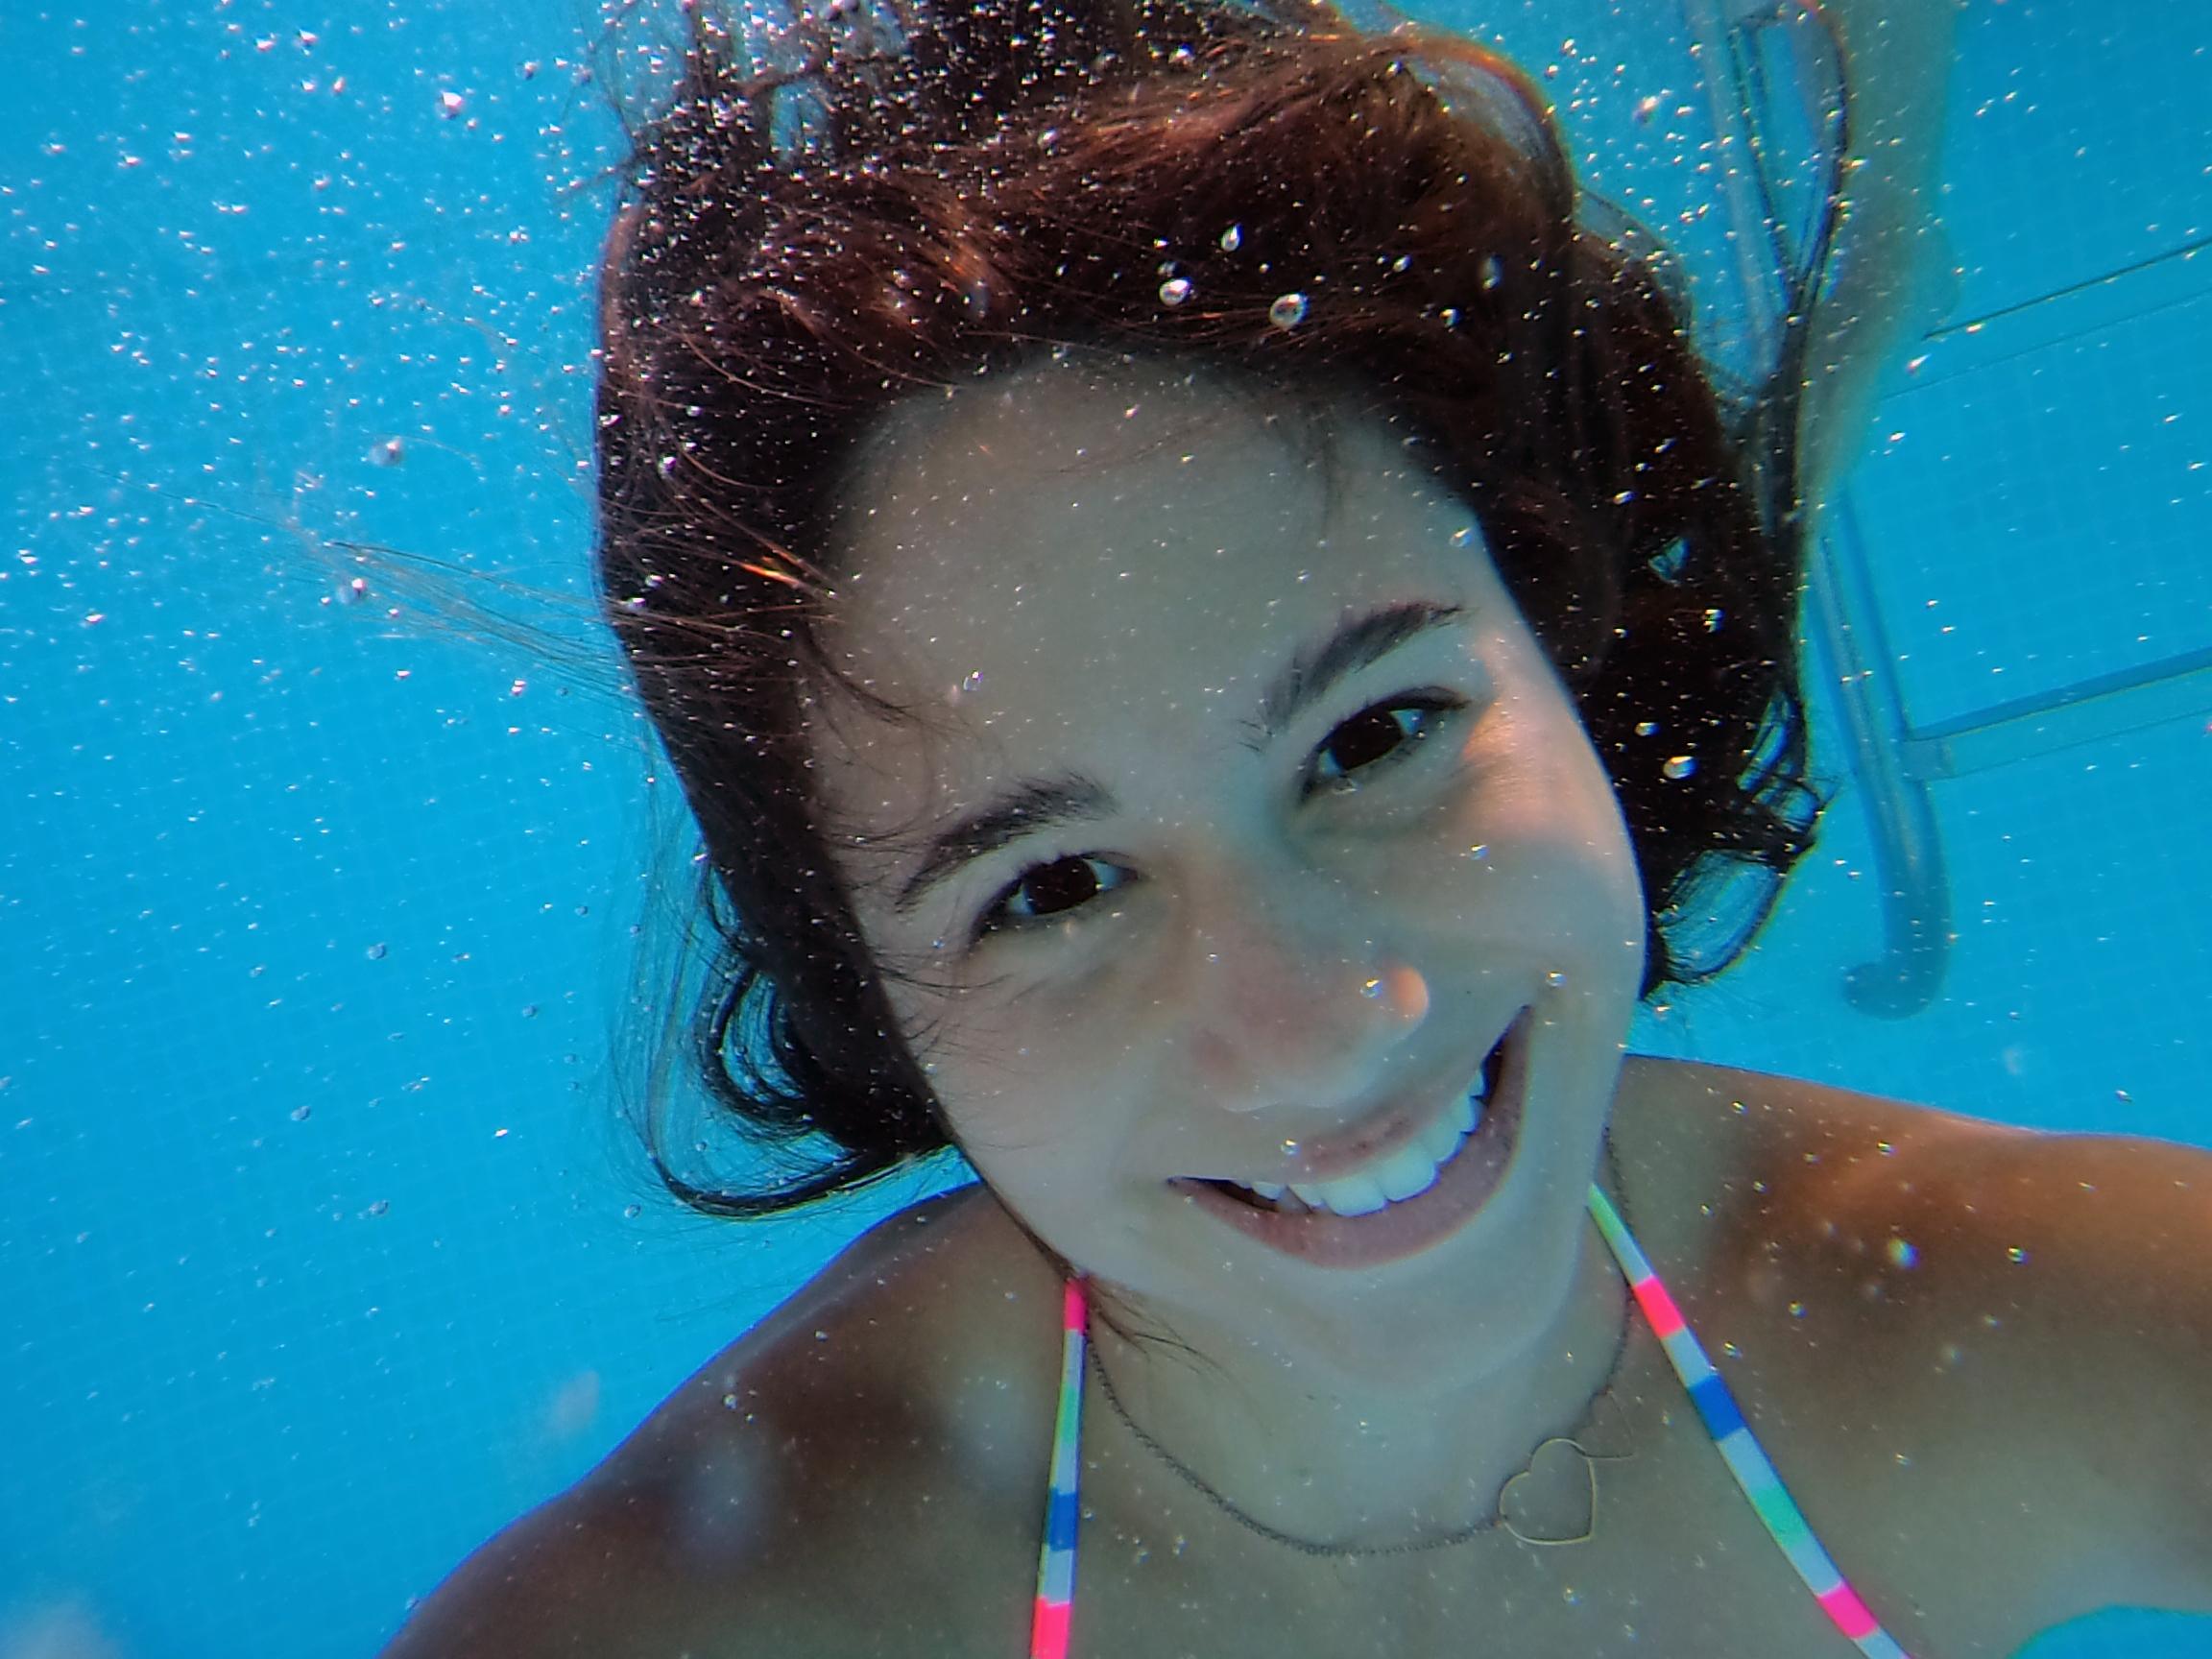 Underwater001